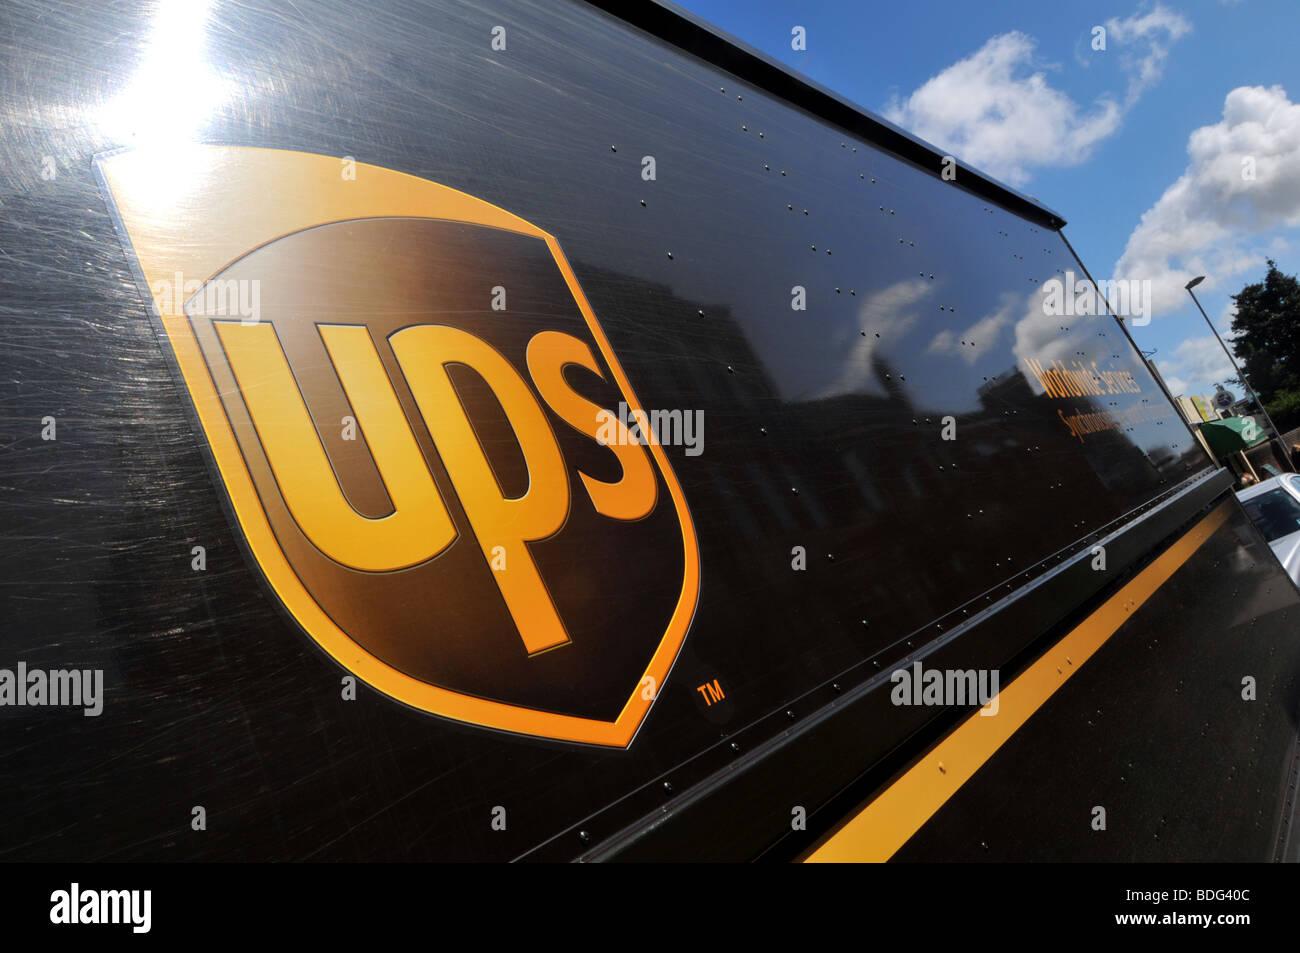 Logo de l'onduleur sur le camion Photo Stock